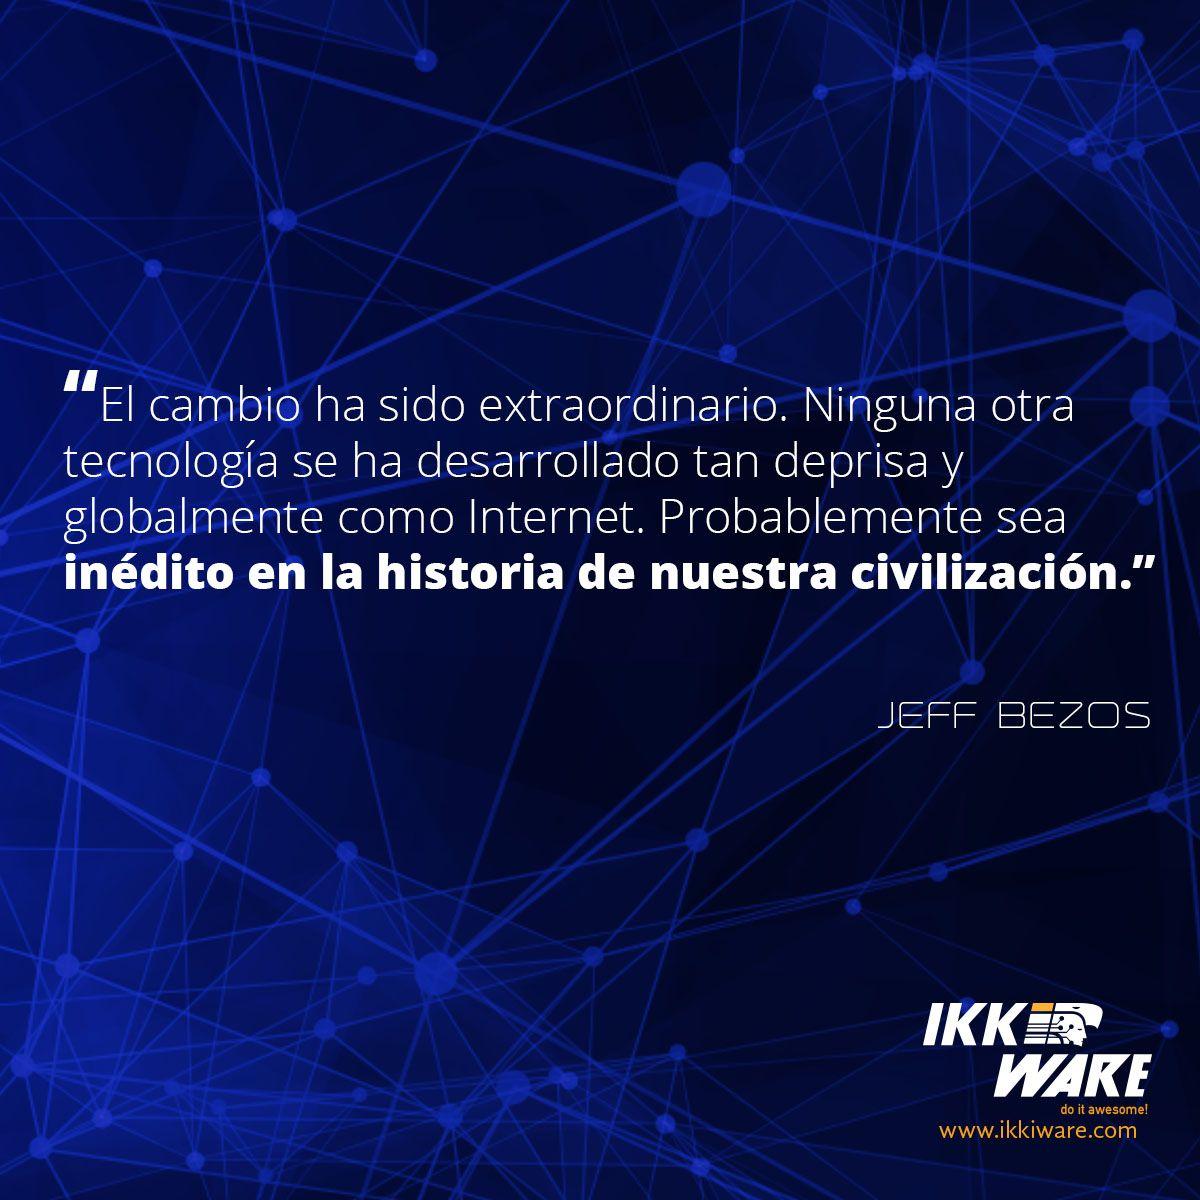 El Internet, un cambio extraordinario en la historia de nuestra civilización #frases #ikkkiware #FelizFinde